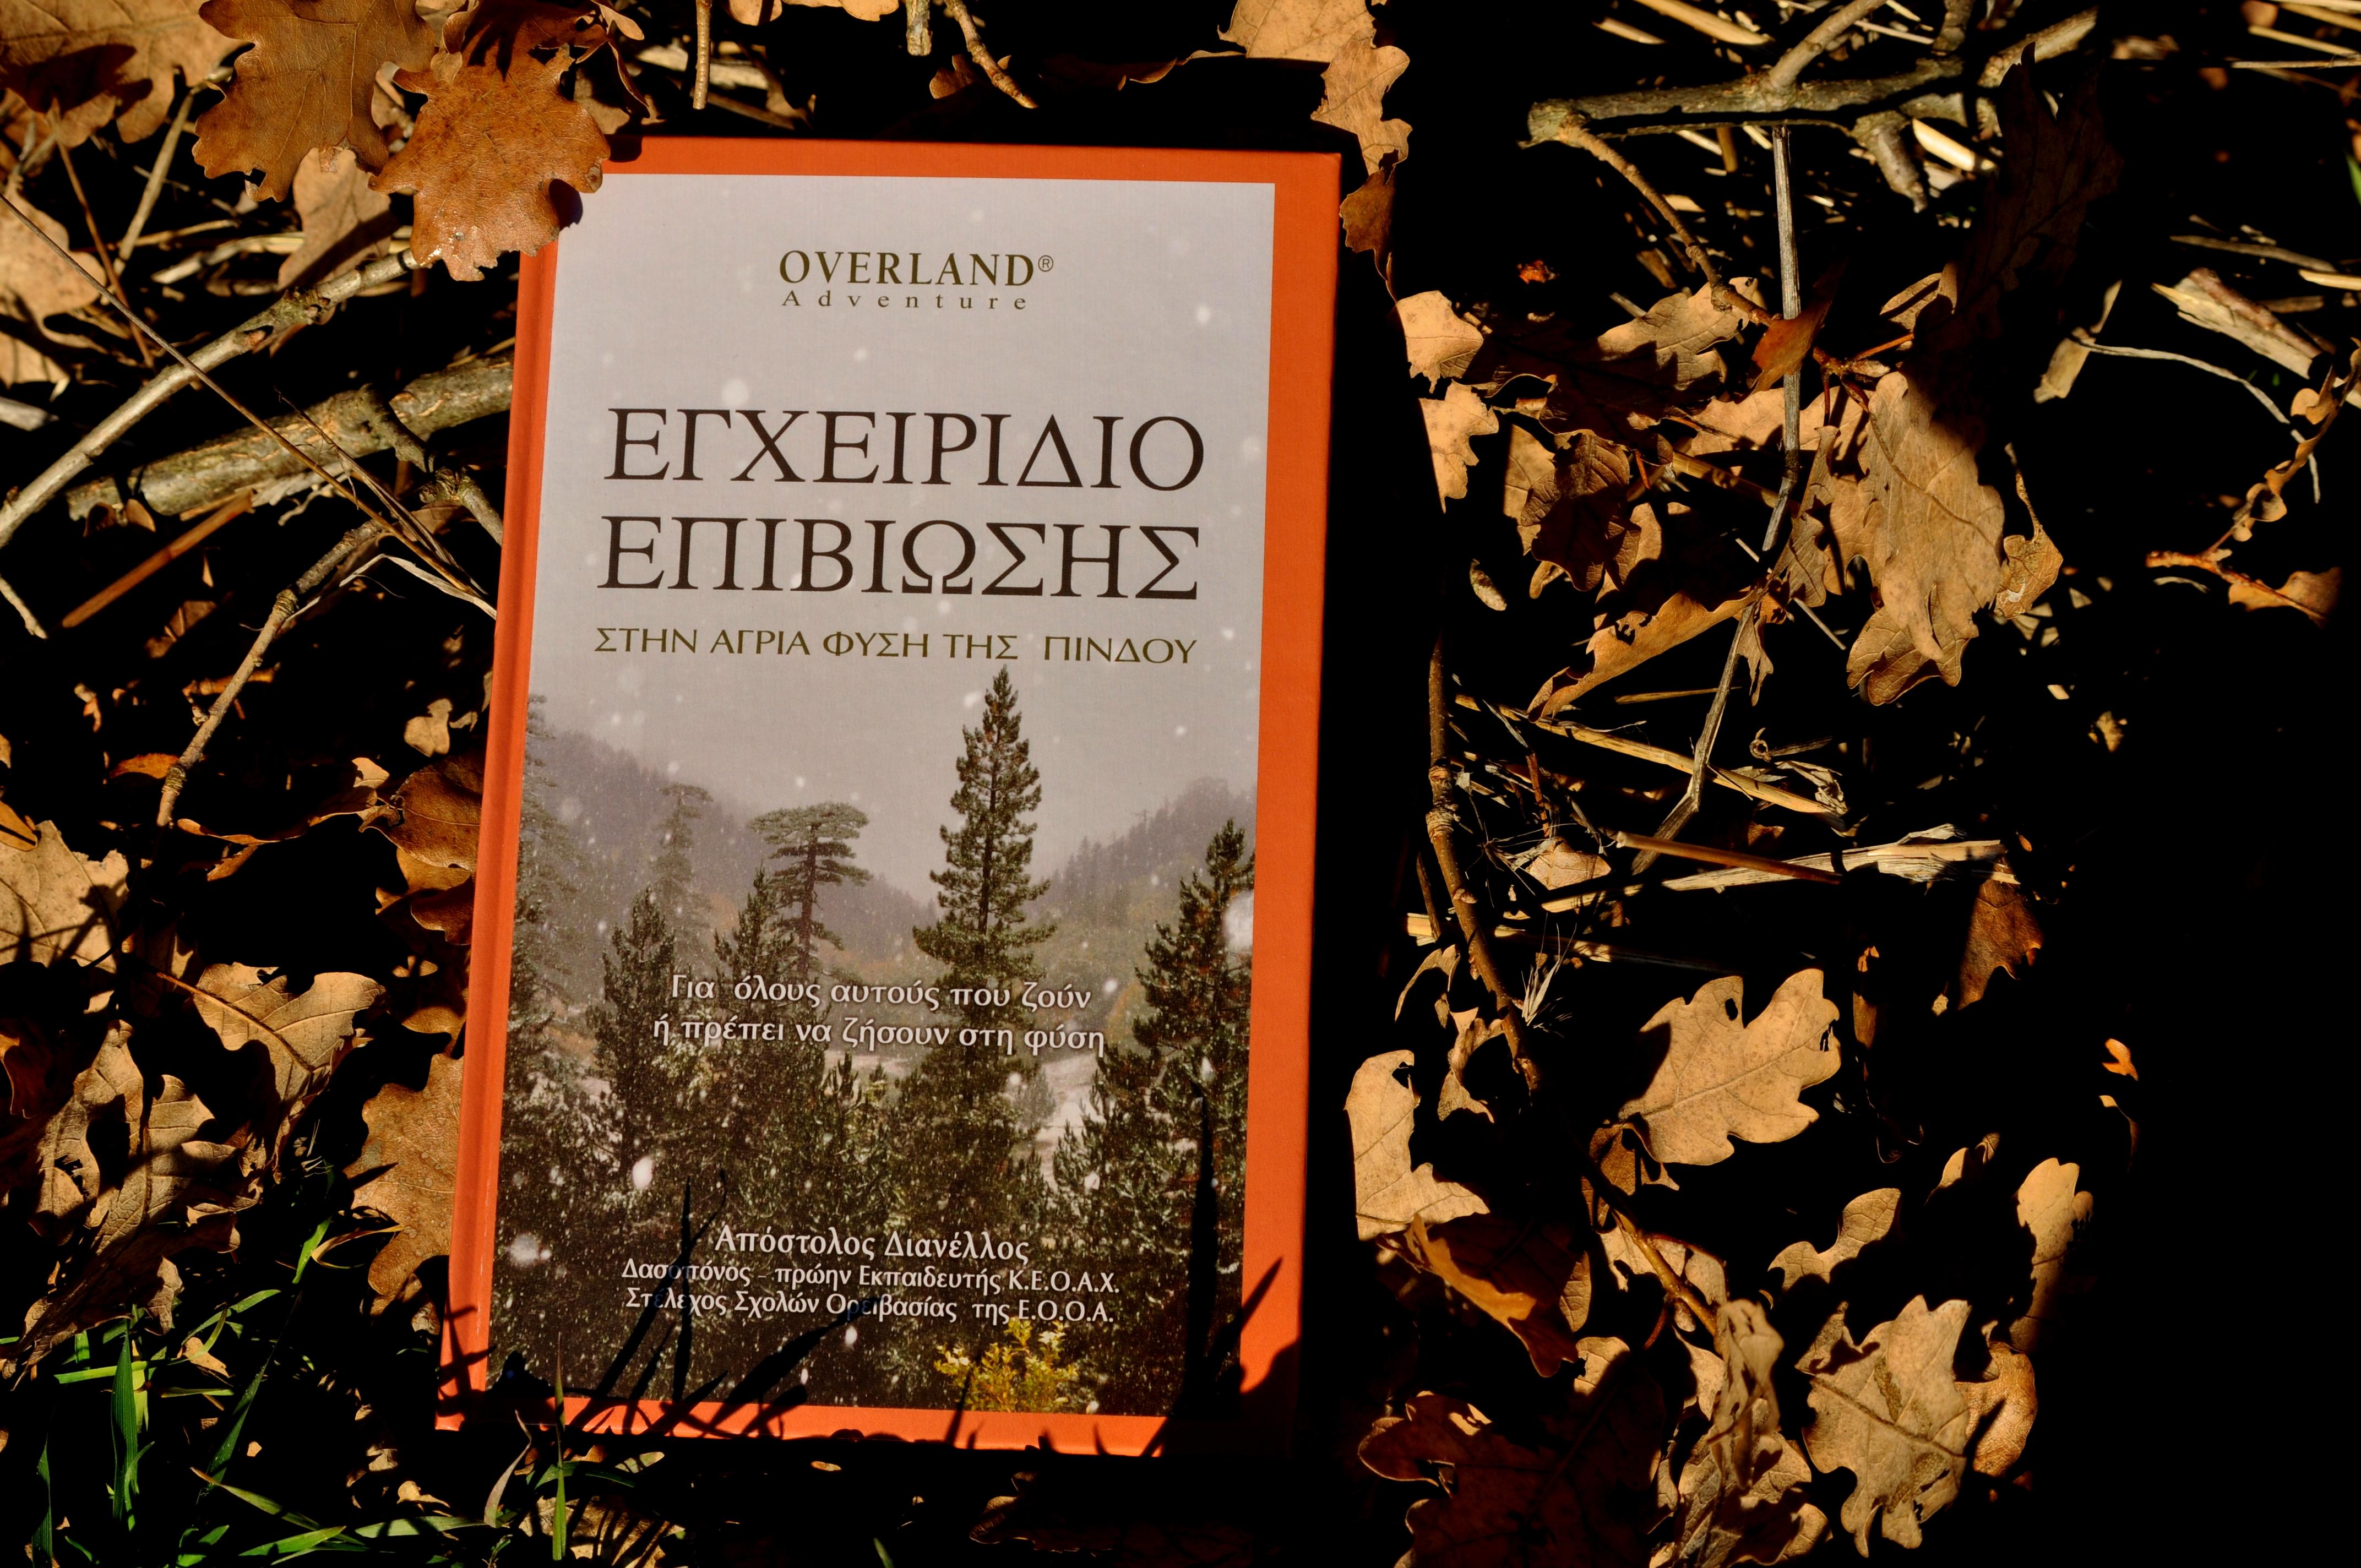 Το μοναδικό Ελληνικό Εγχειρίδιο Επιβίωσης για την  Αγρια Φύση της Πίνδου